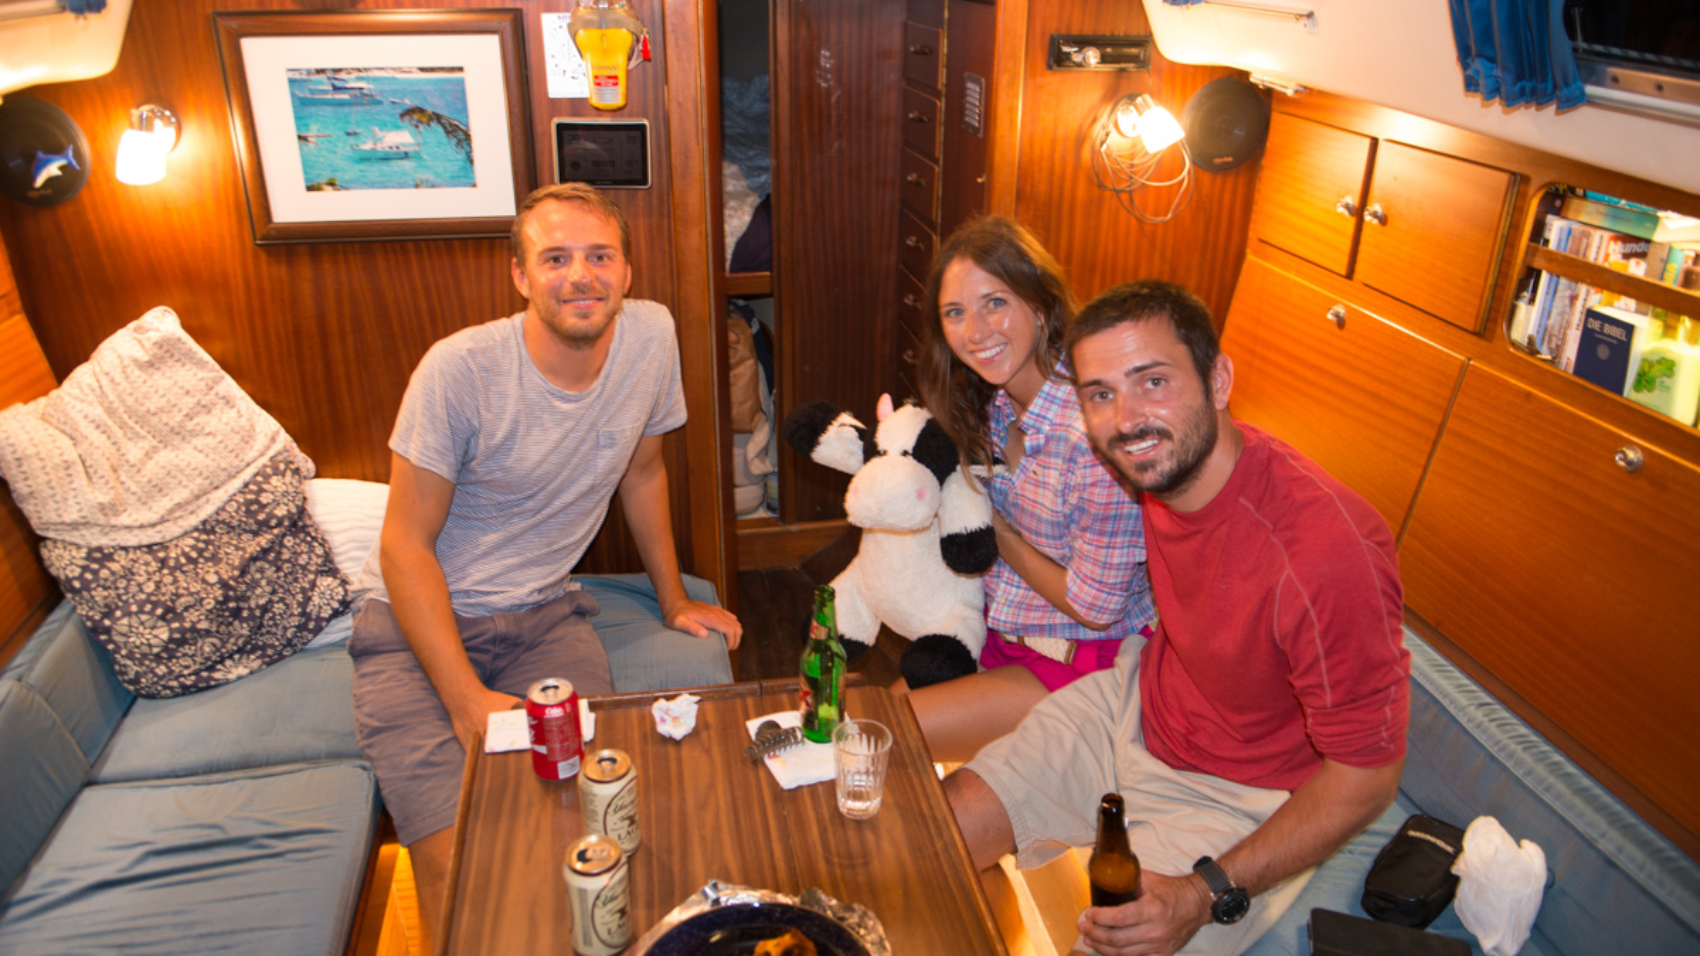 Johannes, Jessica and Matt